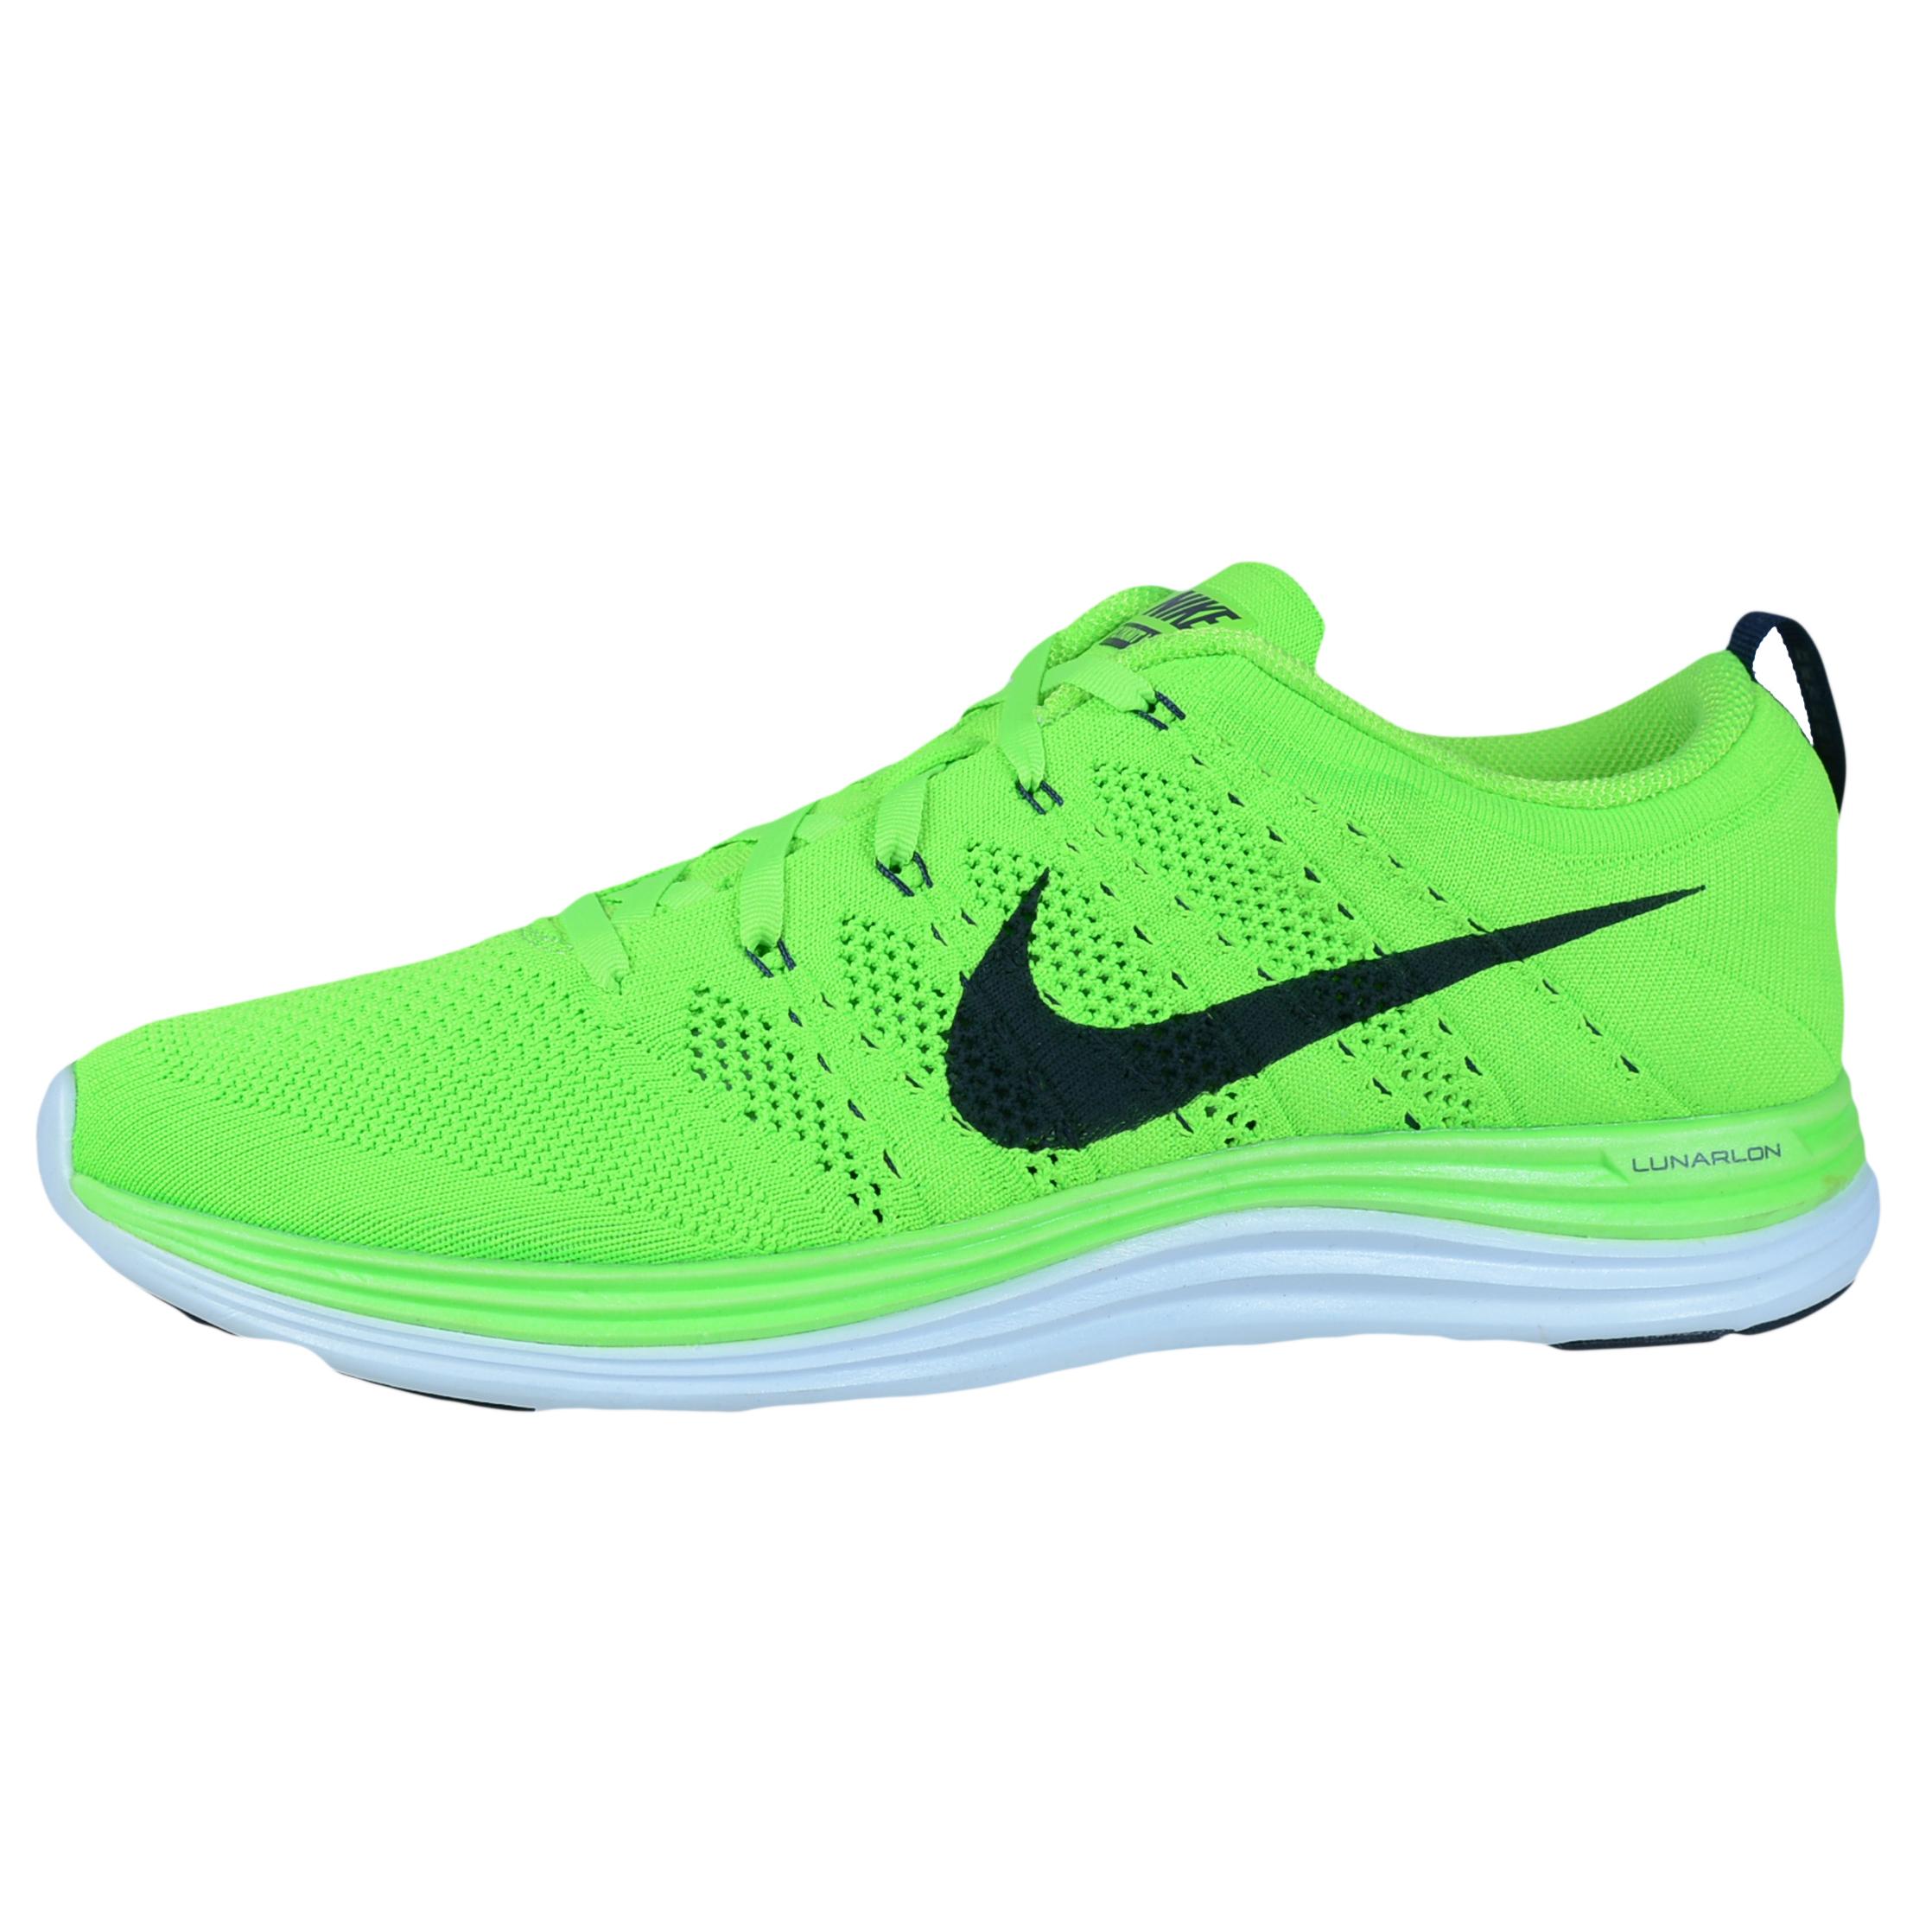 quality design d0ebd 4ca53 ... NIKE FLYKNIT LUNAR1+ RUNNING SHOES ELECTRIC GREEN DARK OBSIDIAN 554887  304 Buy Nike Flyknit Lunar 1 Review Shoes Mens ...